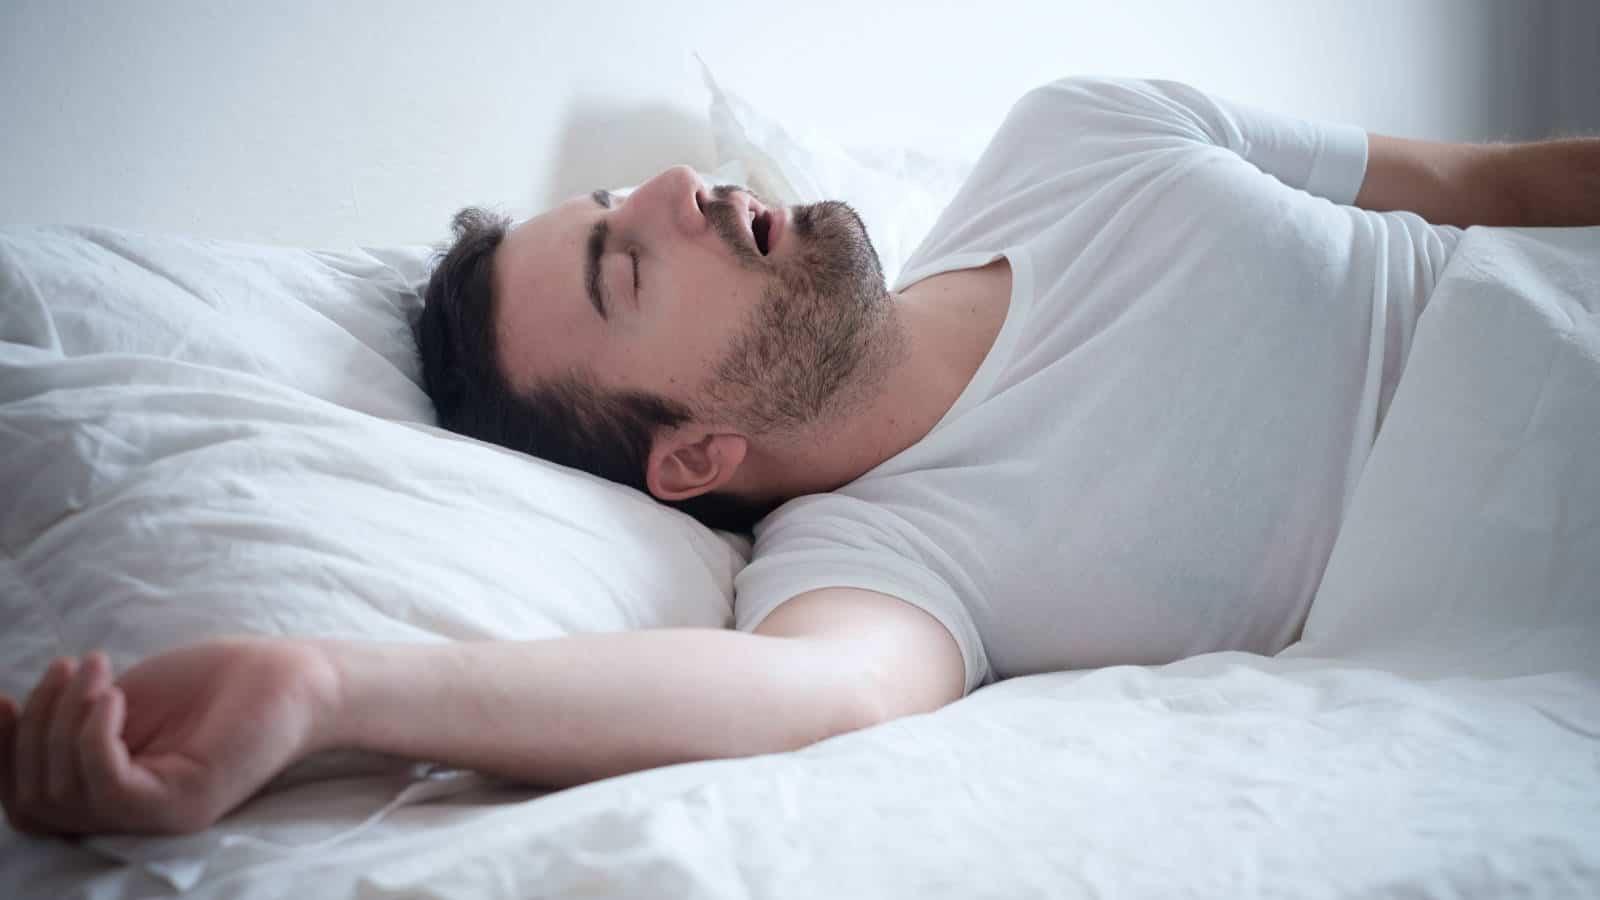 Schlafapnoe- Symptome, Ursachen & Behandlungen